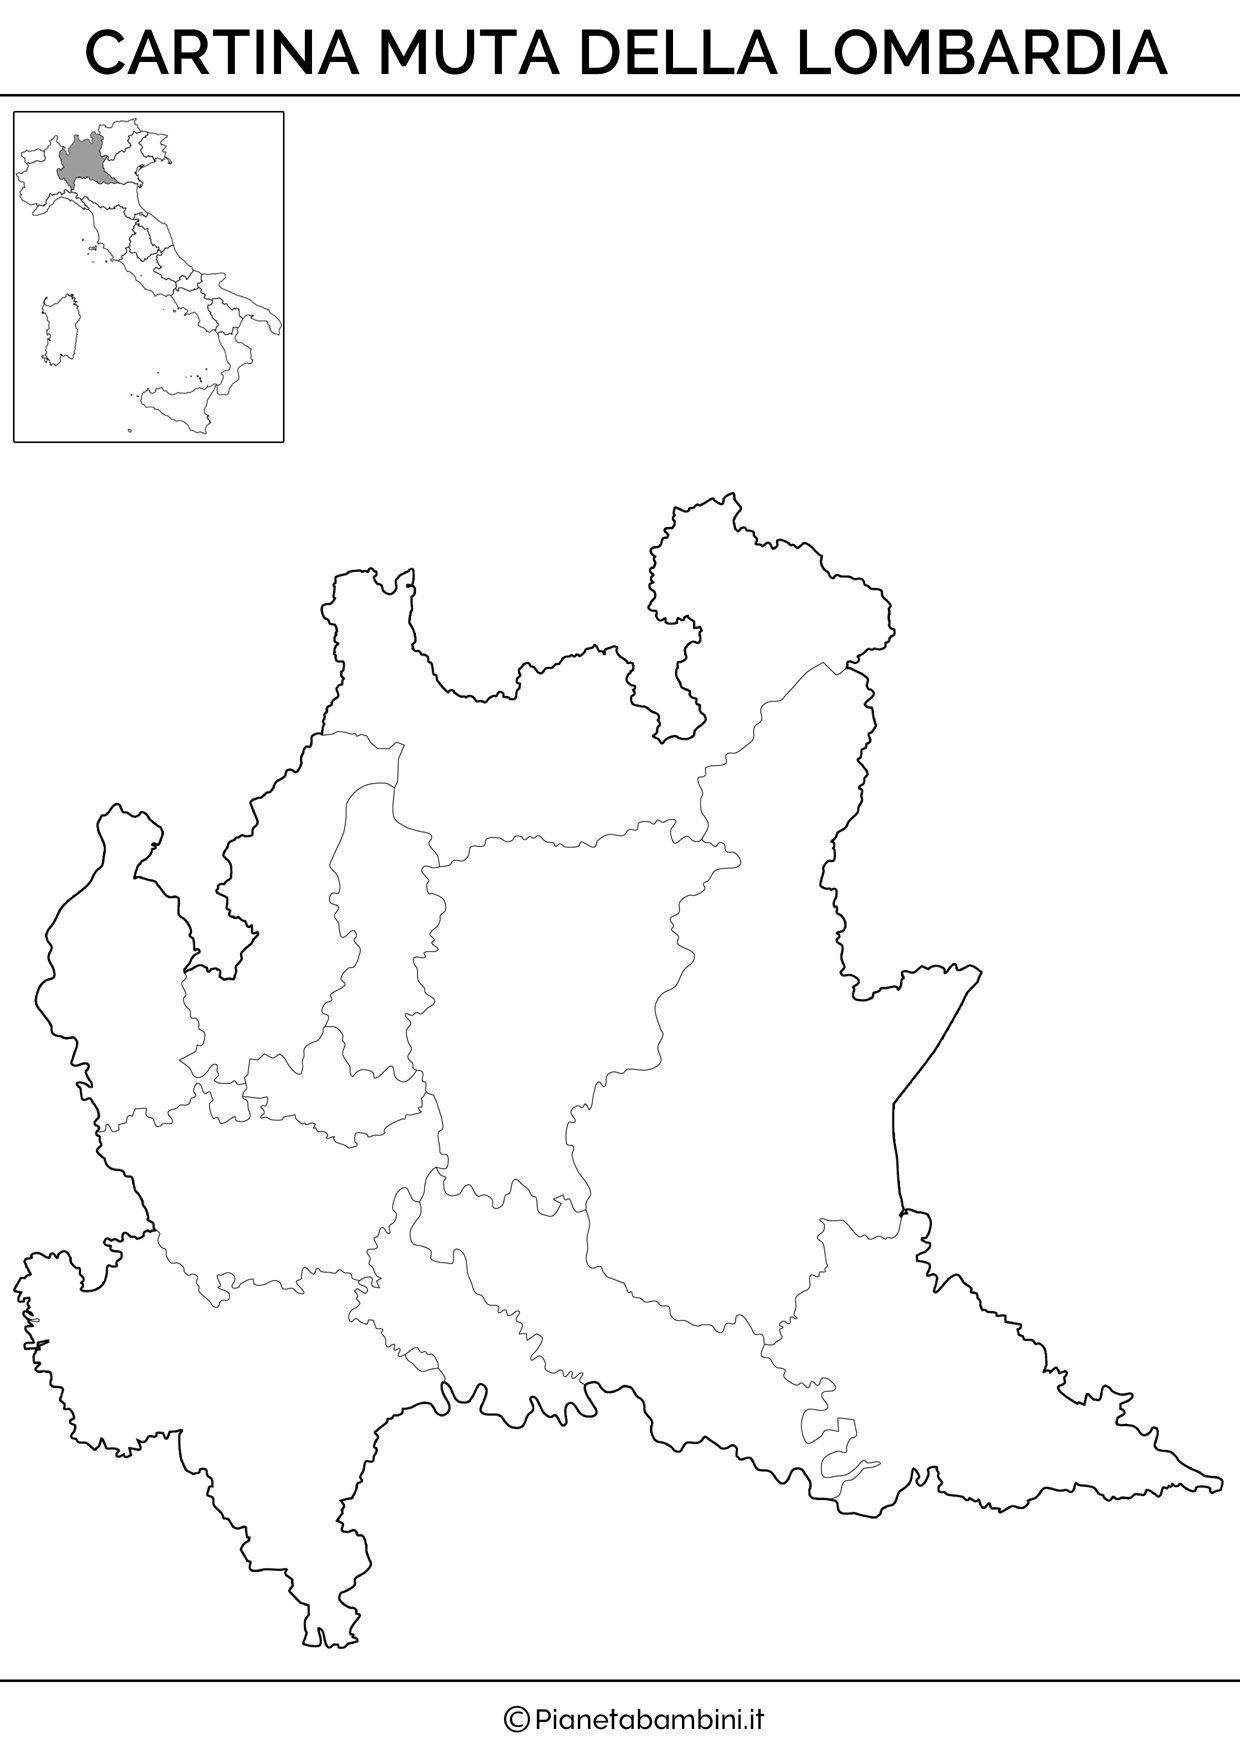 Cartina Muta Lombardia Da Completare.Cartina Muta Fisica E Politica Della Lombardia Da Stampare Attivita Geografia Geografia Lezioni Di Scienze